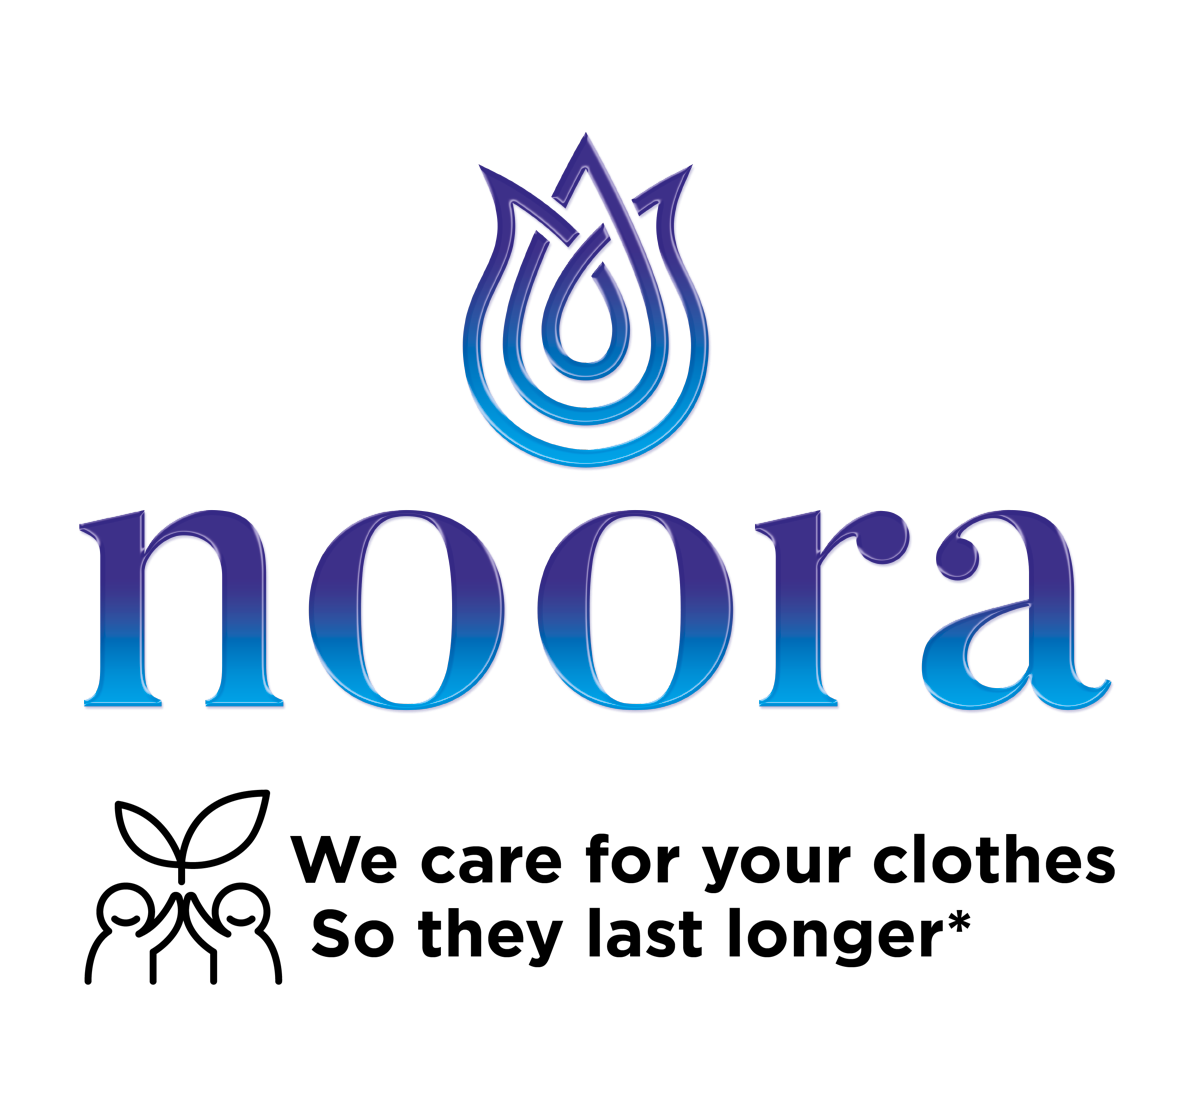 nooralogonew